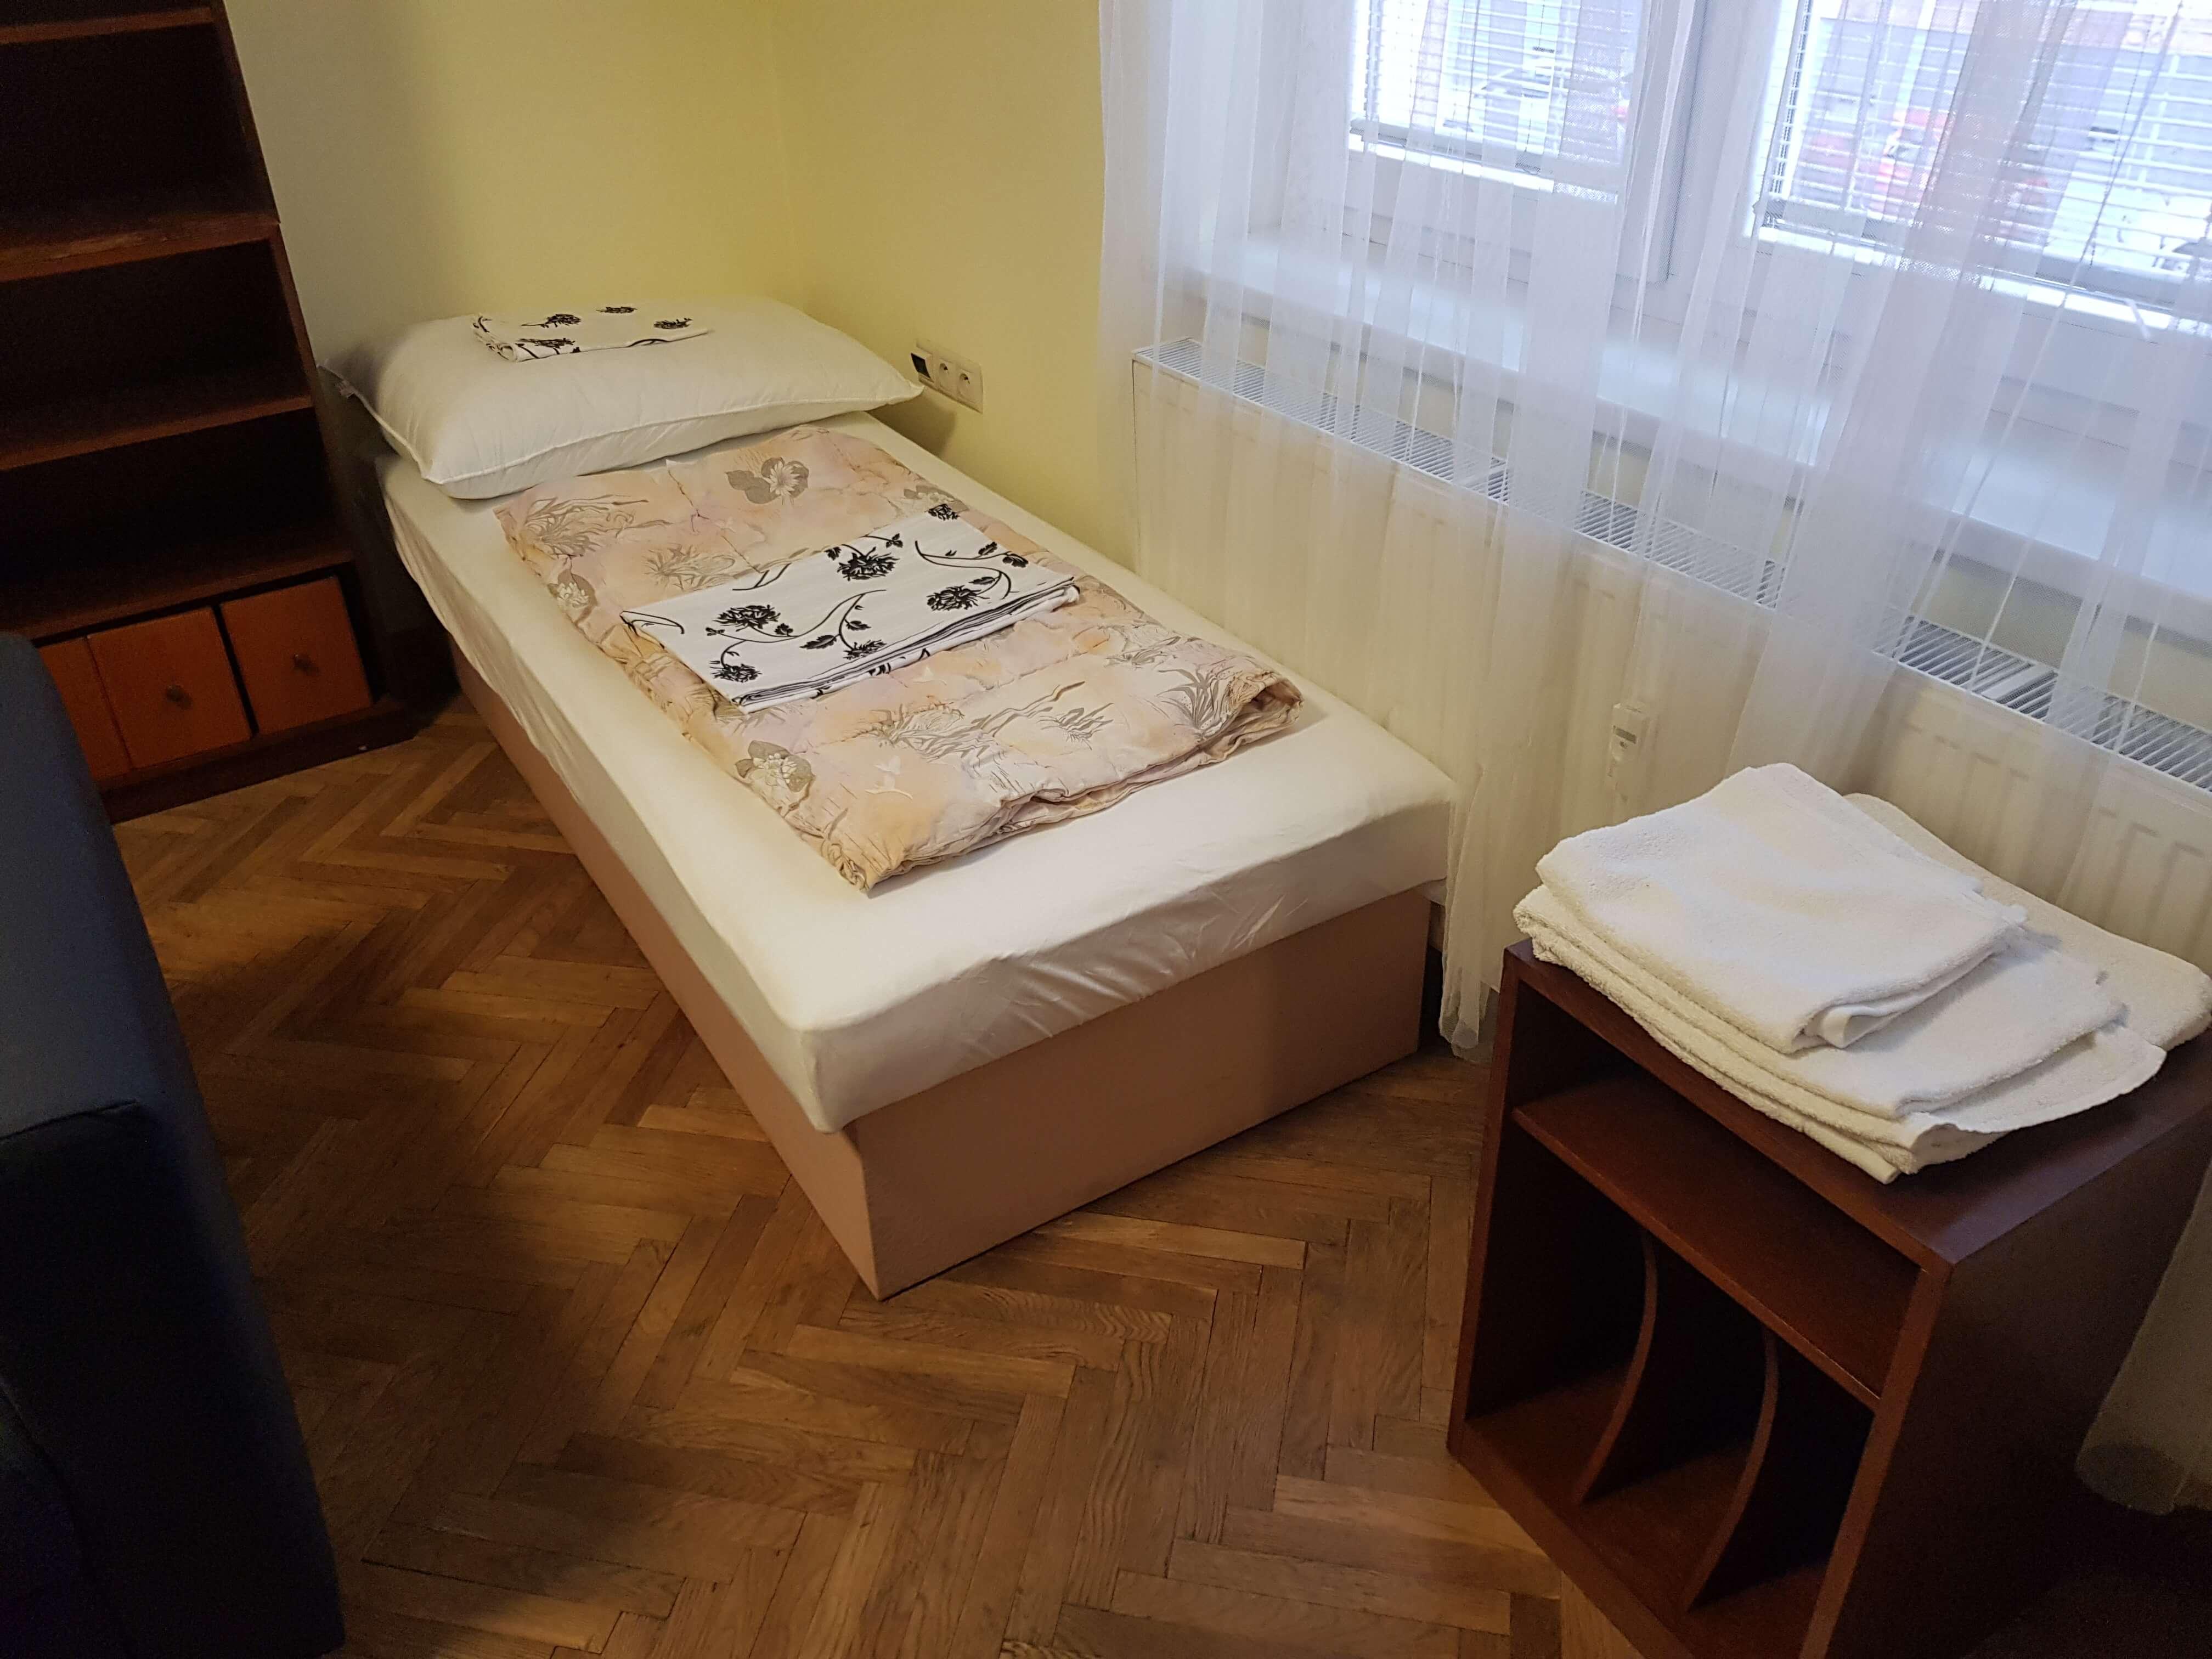 Prenájom jednej izby v 2 izb. byte, staré mesto, Šancová ulica, Bratislava, 80m2, zariadený-4